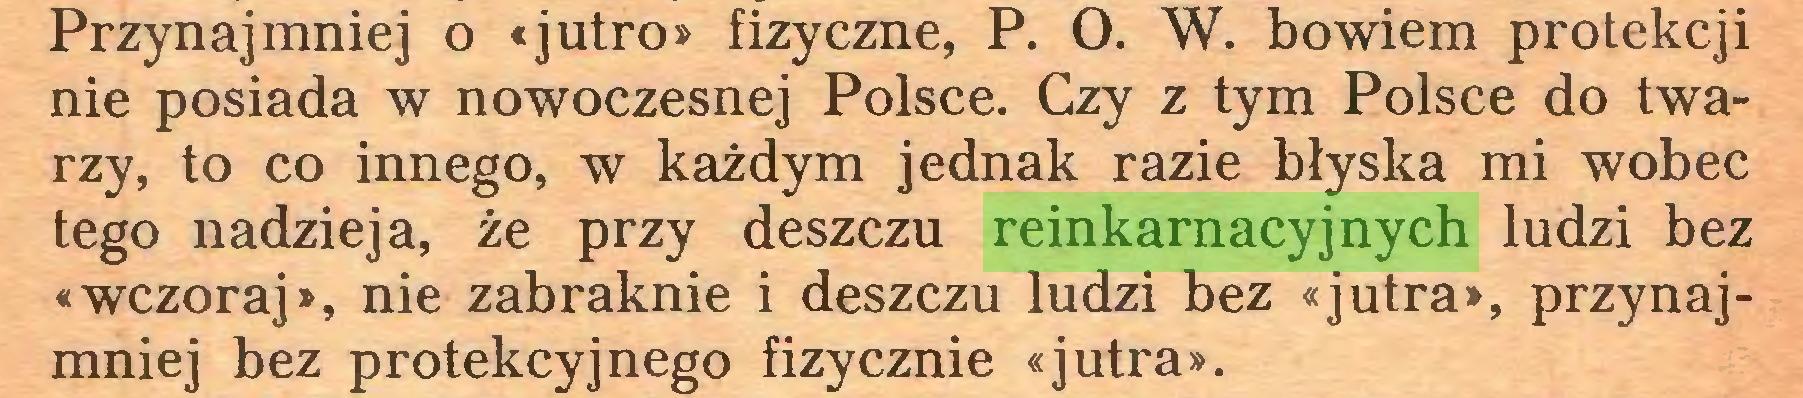 (...) Przynajmniej o «jutro» fizyczne, P. O. W. bowiem protekcji nie posiada w nowoczesnej Polsce. Czy z tym Polsce do twarzy, to co innego, w każdym jednak razie błyska mi wobec tego nadzieja, że przy deszczu reinkarnacyjnych ludzi bez «wczoraj», nie zabraknie i deszczu ludzi bez «jutra», przynajmniej bez protekcyjnego fizycznie «jutra»...